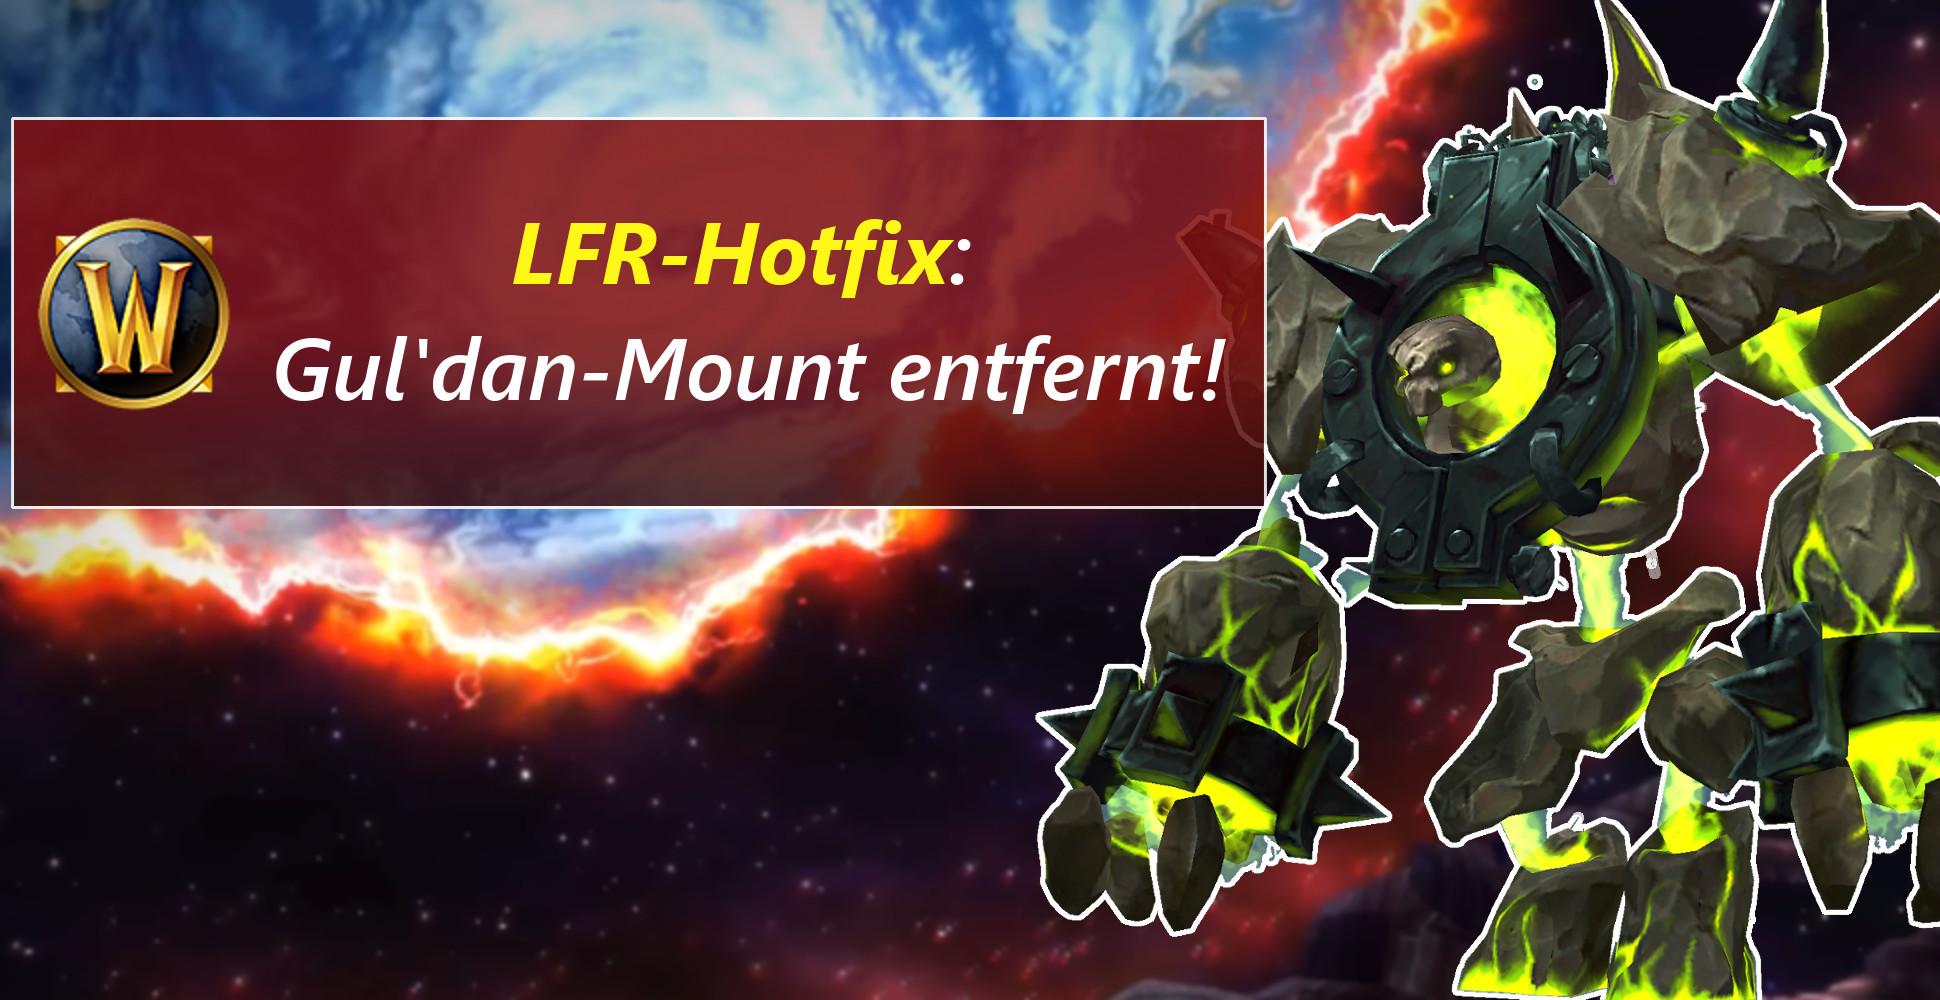 WoW: LFR-Mount von Gul'dan entfernt, Community ist sauer